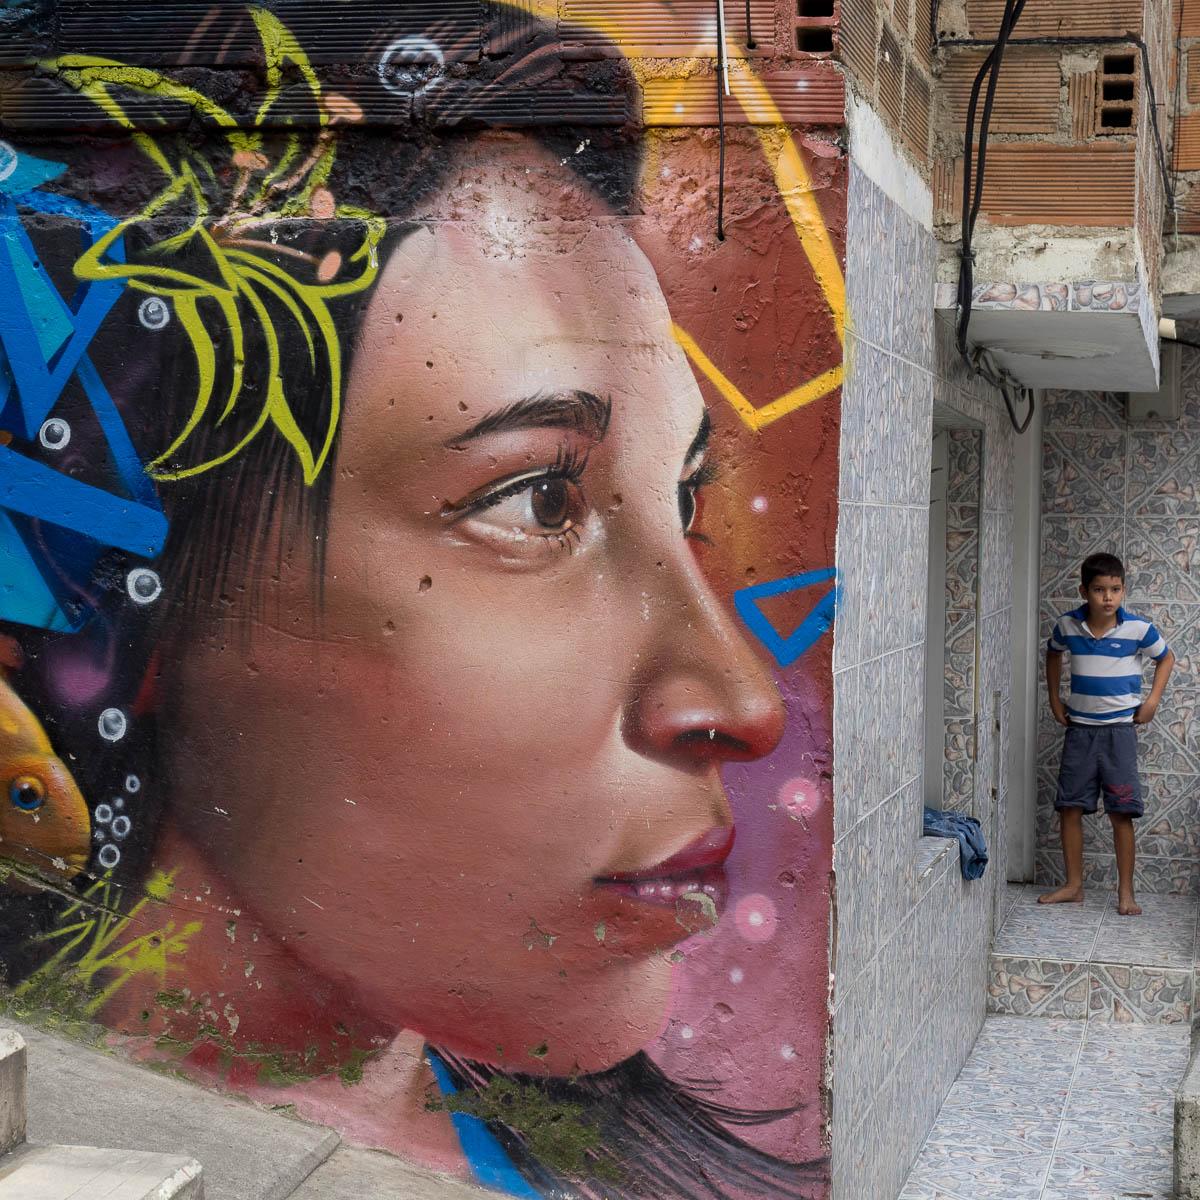 Unterwegs in Kolumbien 2017 (Part 06) - Comuna 13 in Medellin